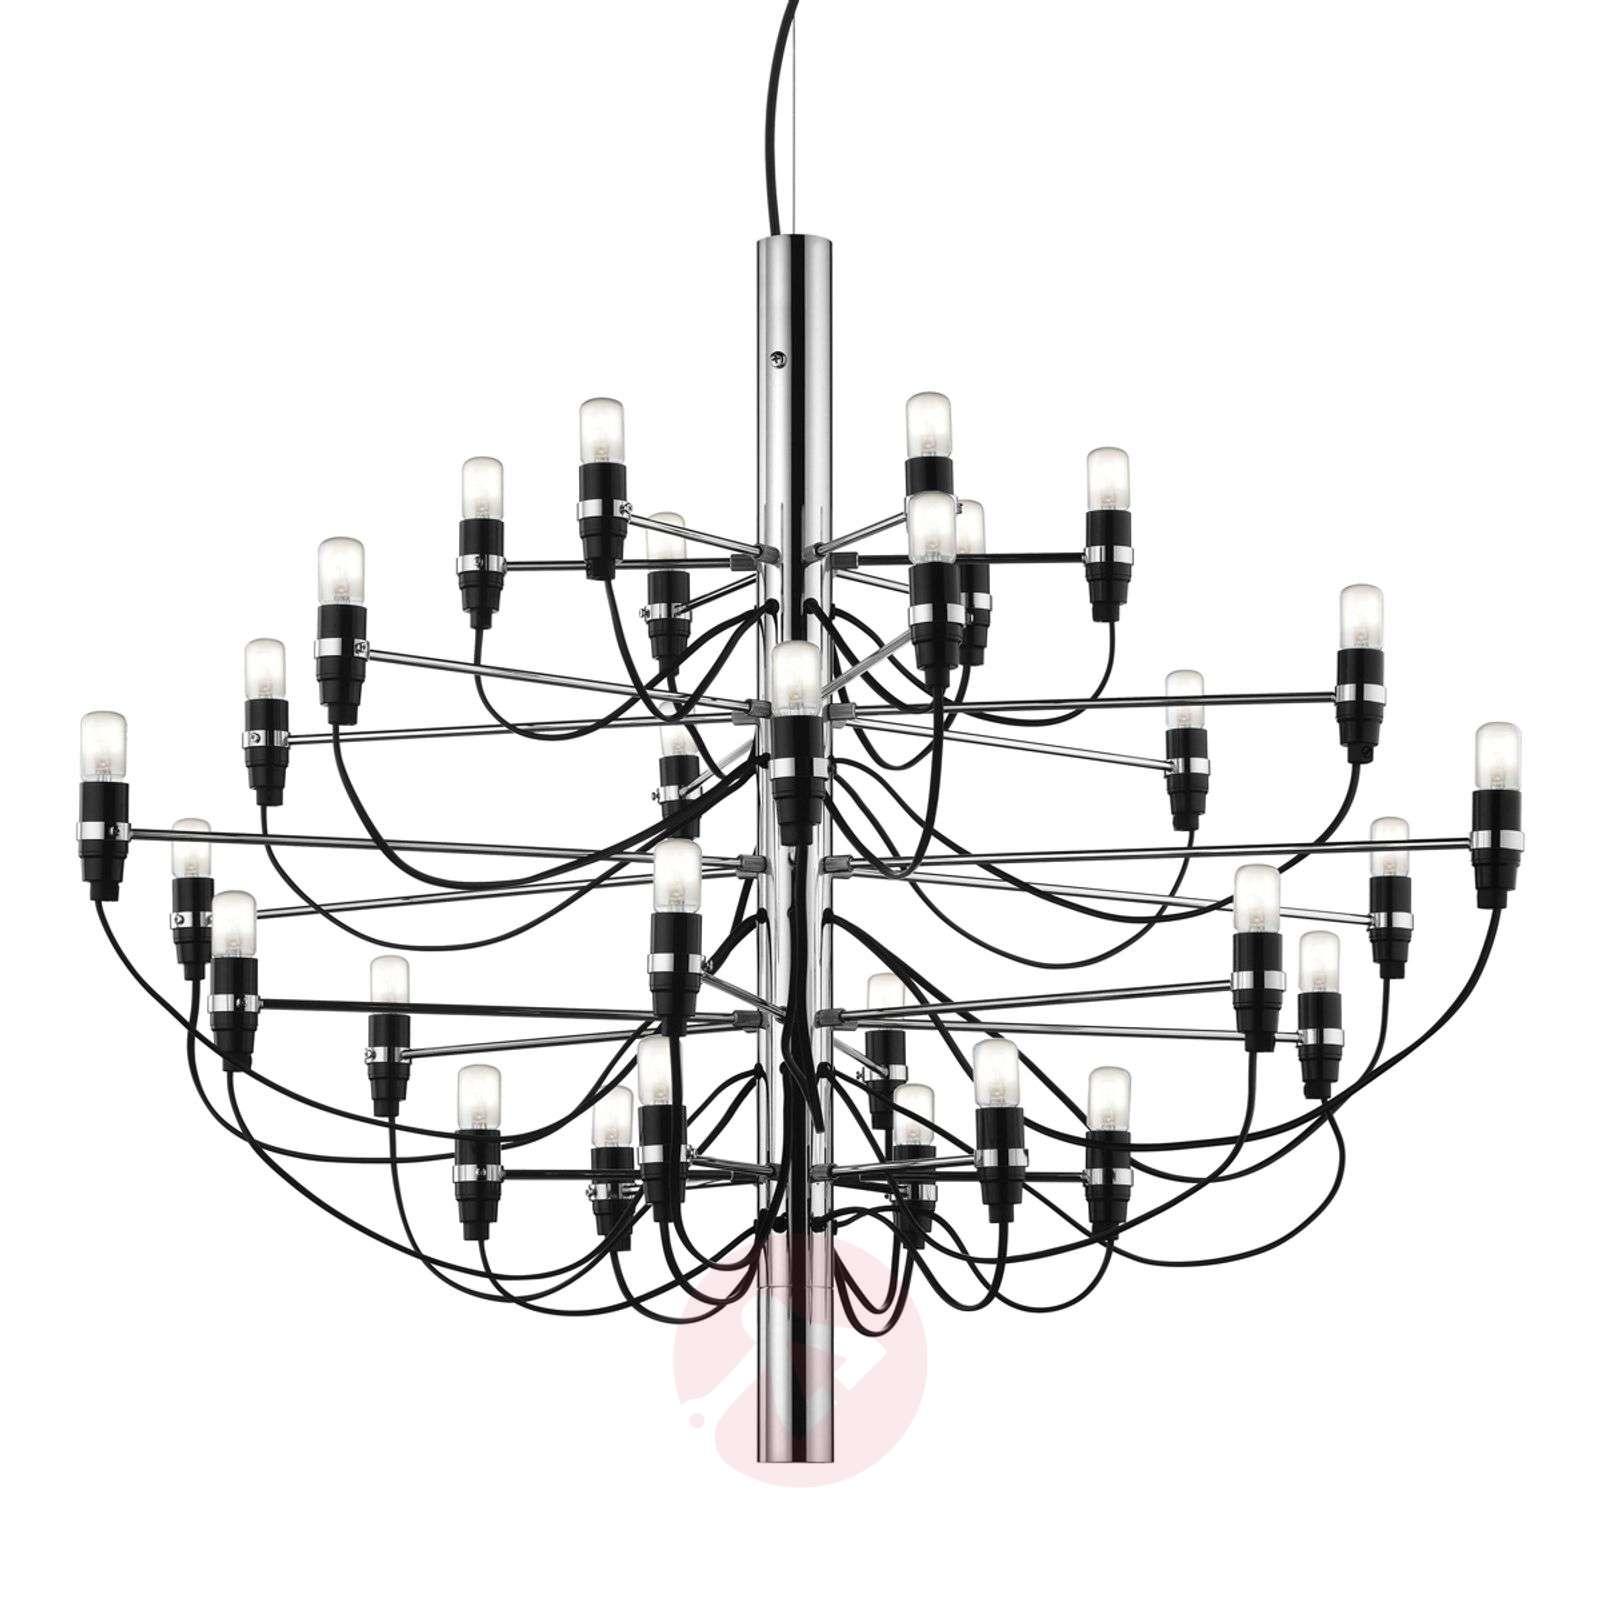 2097 50-lamppuinen kattokruunu, FLOSilta-3510180X-03